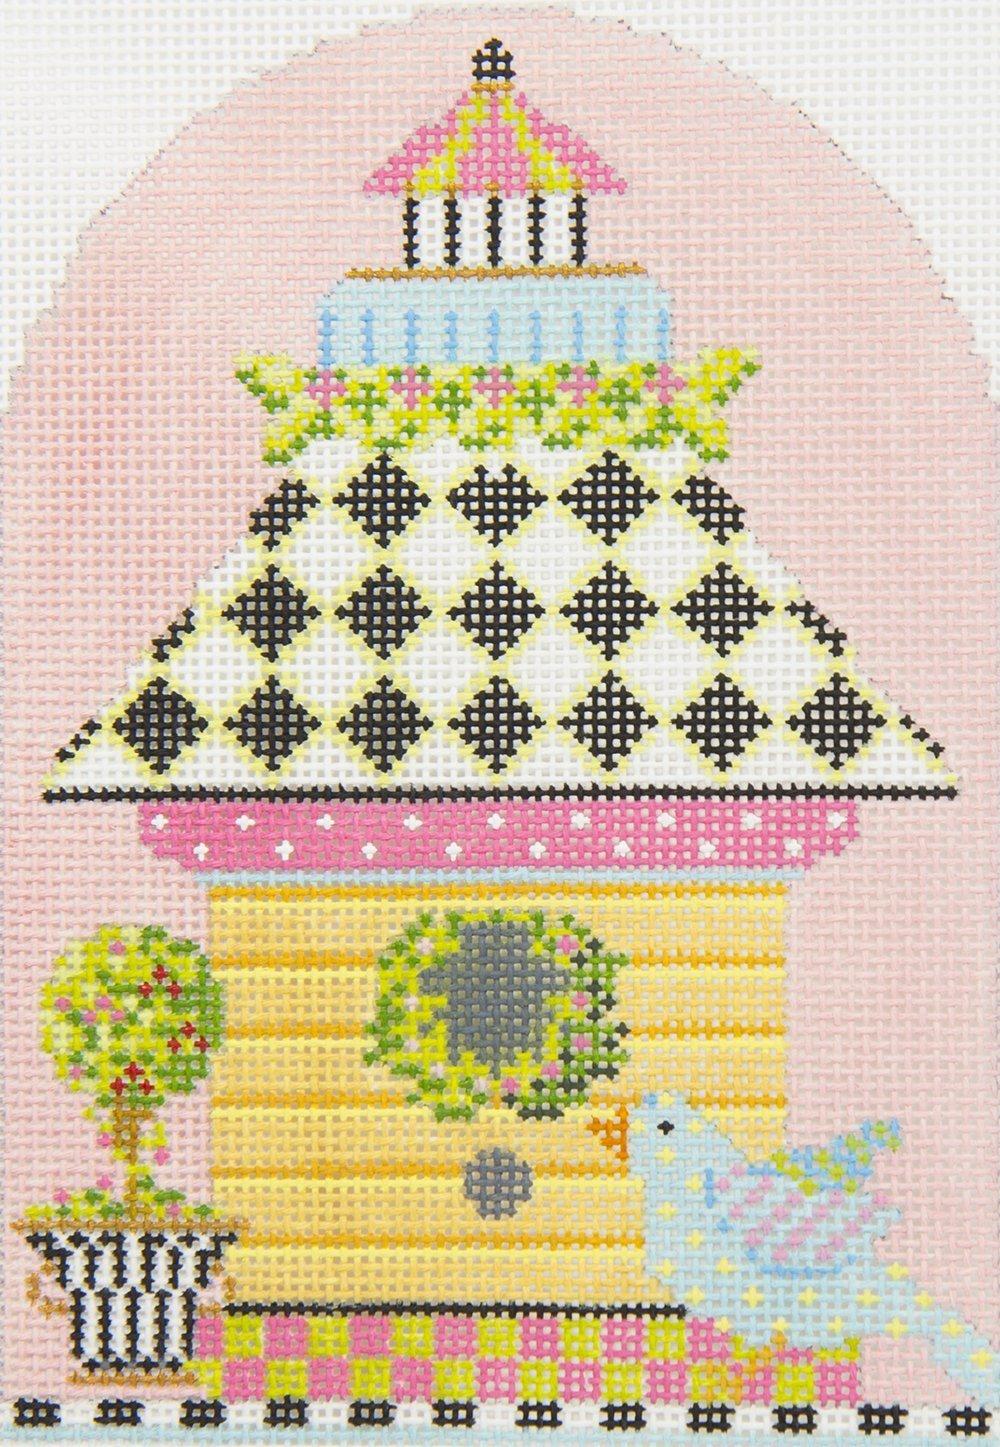 KBH02 Yellow Clapboard Birdhouse Kelly Clark